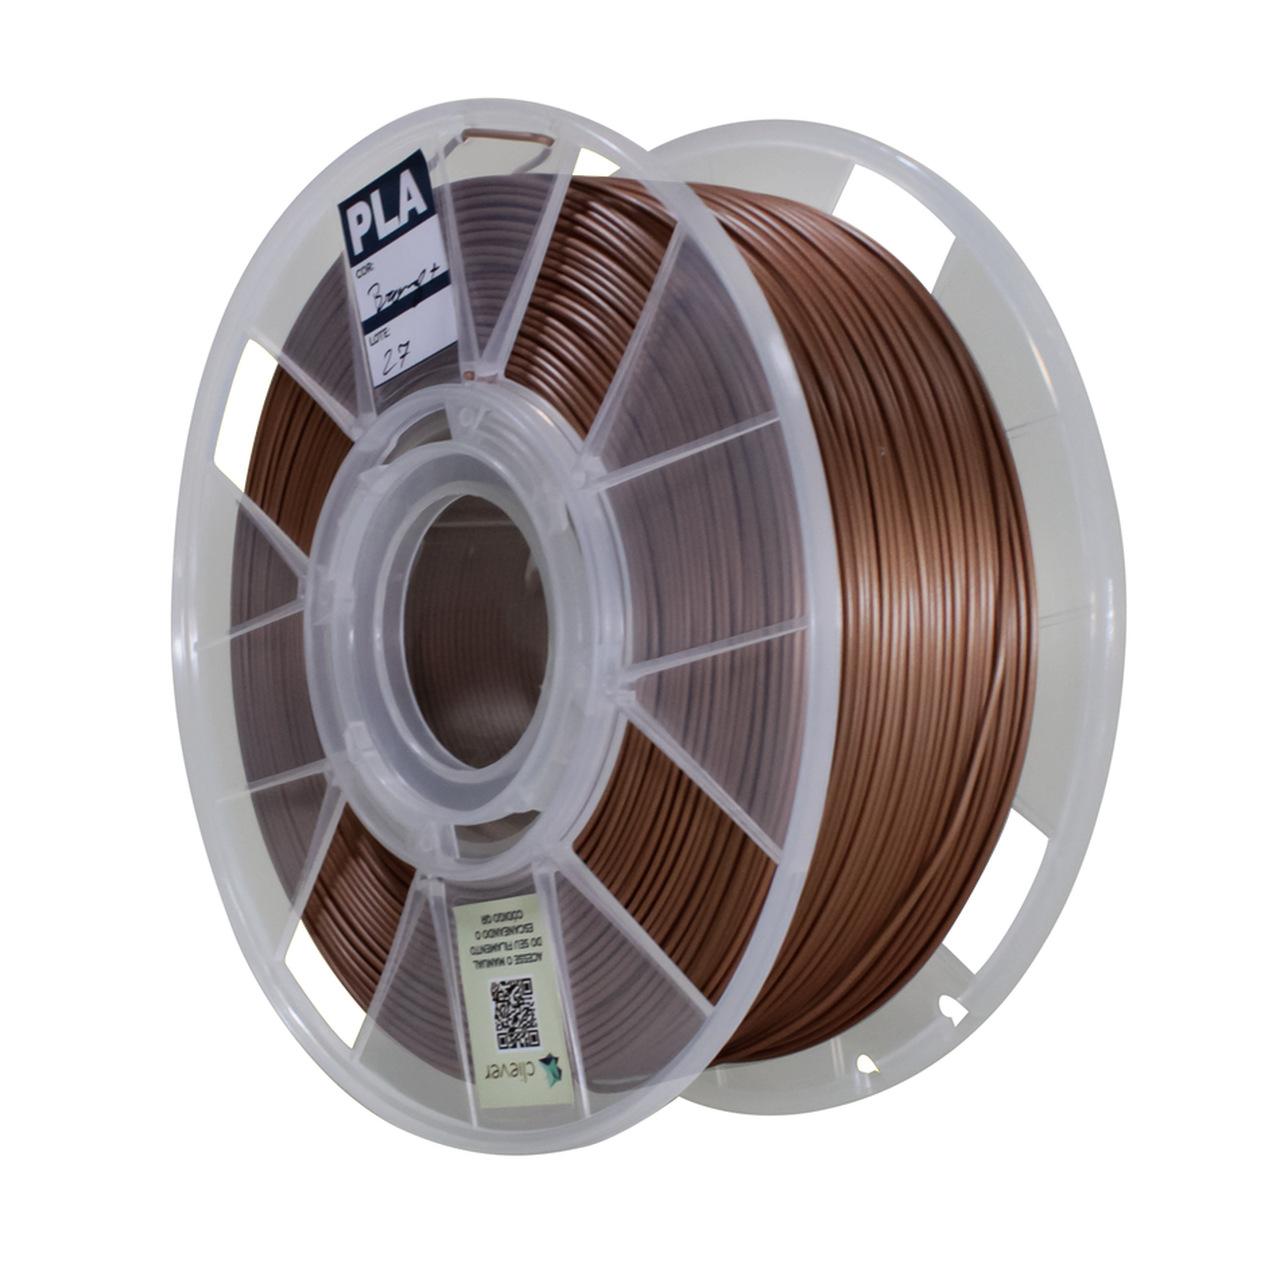 Filamento PLA Flow - Bronze - Cliever - 1.75mm - 1kg